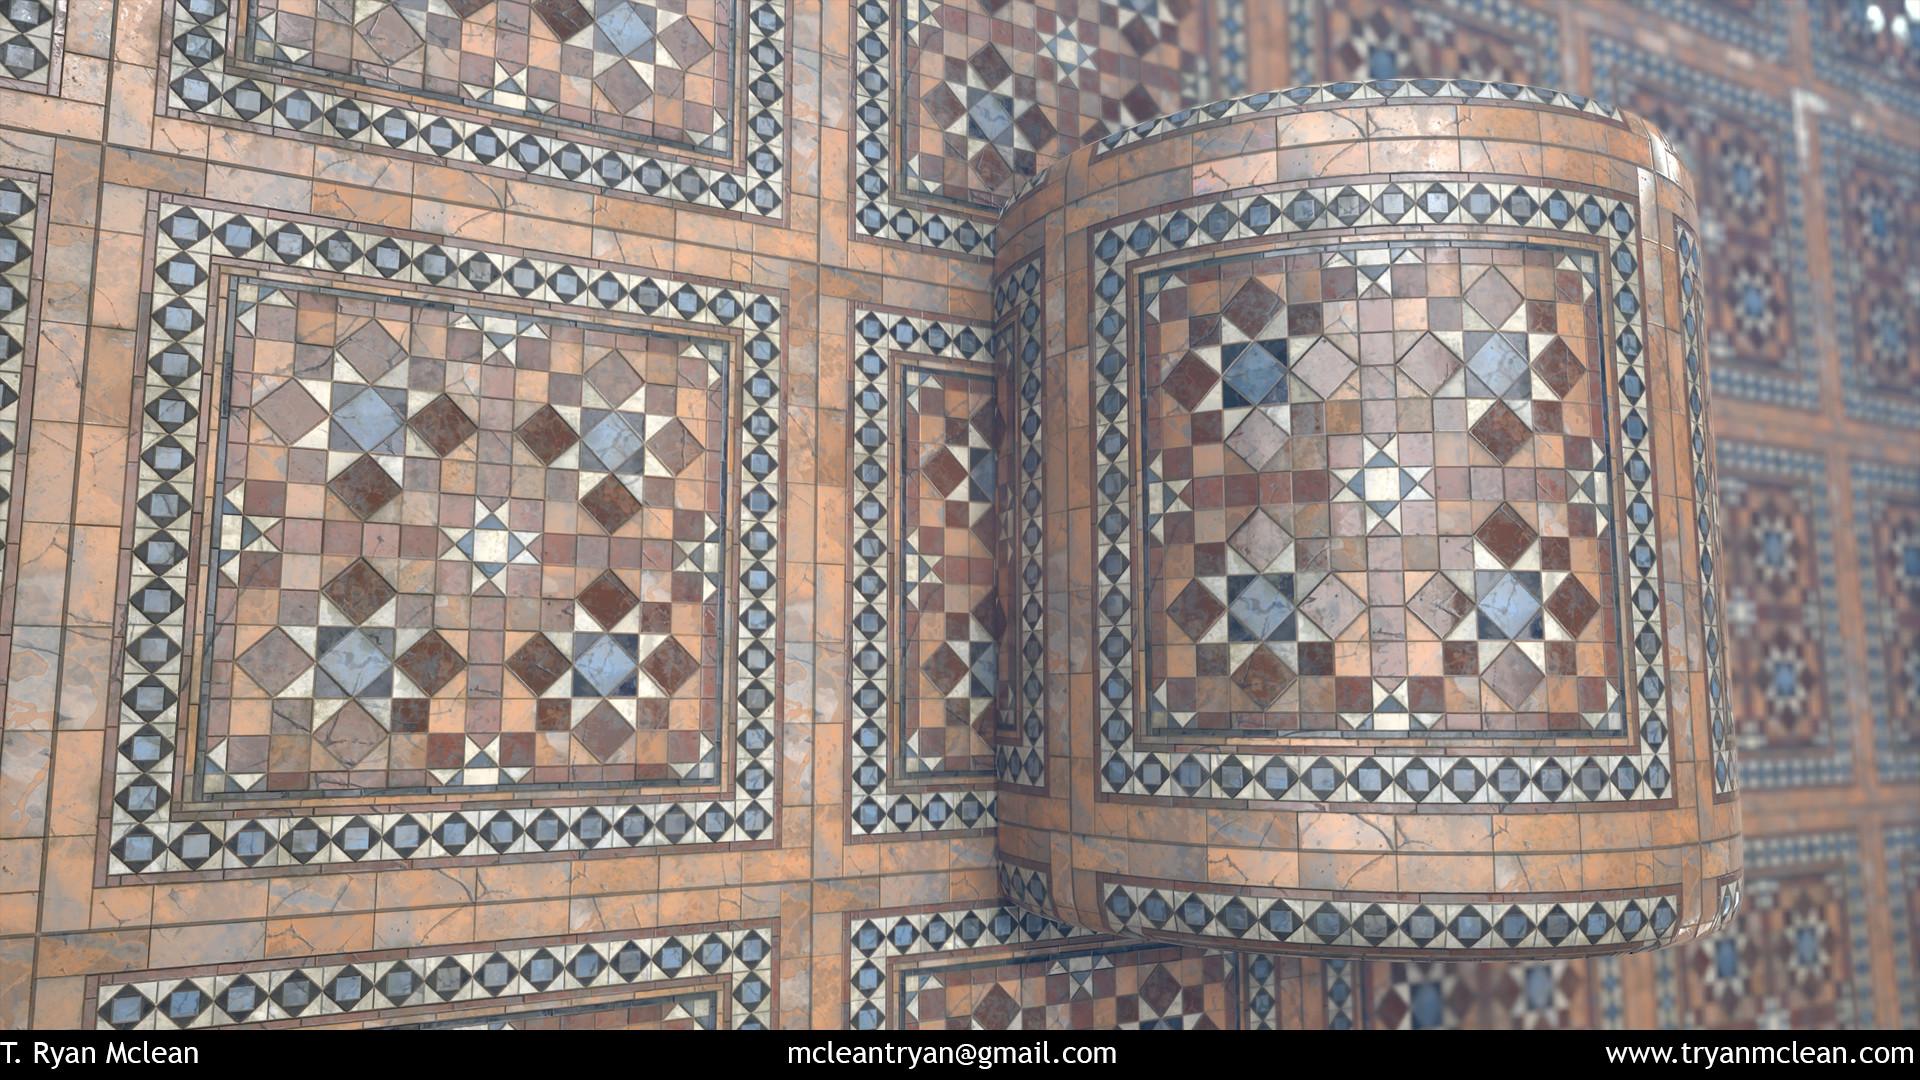 T ryan mclean marble 03